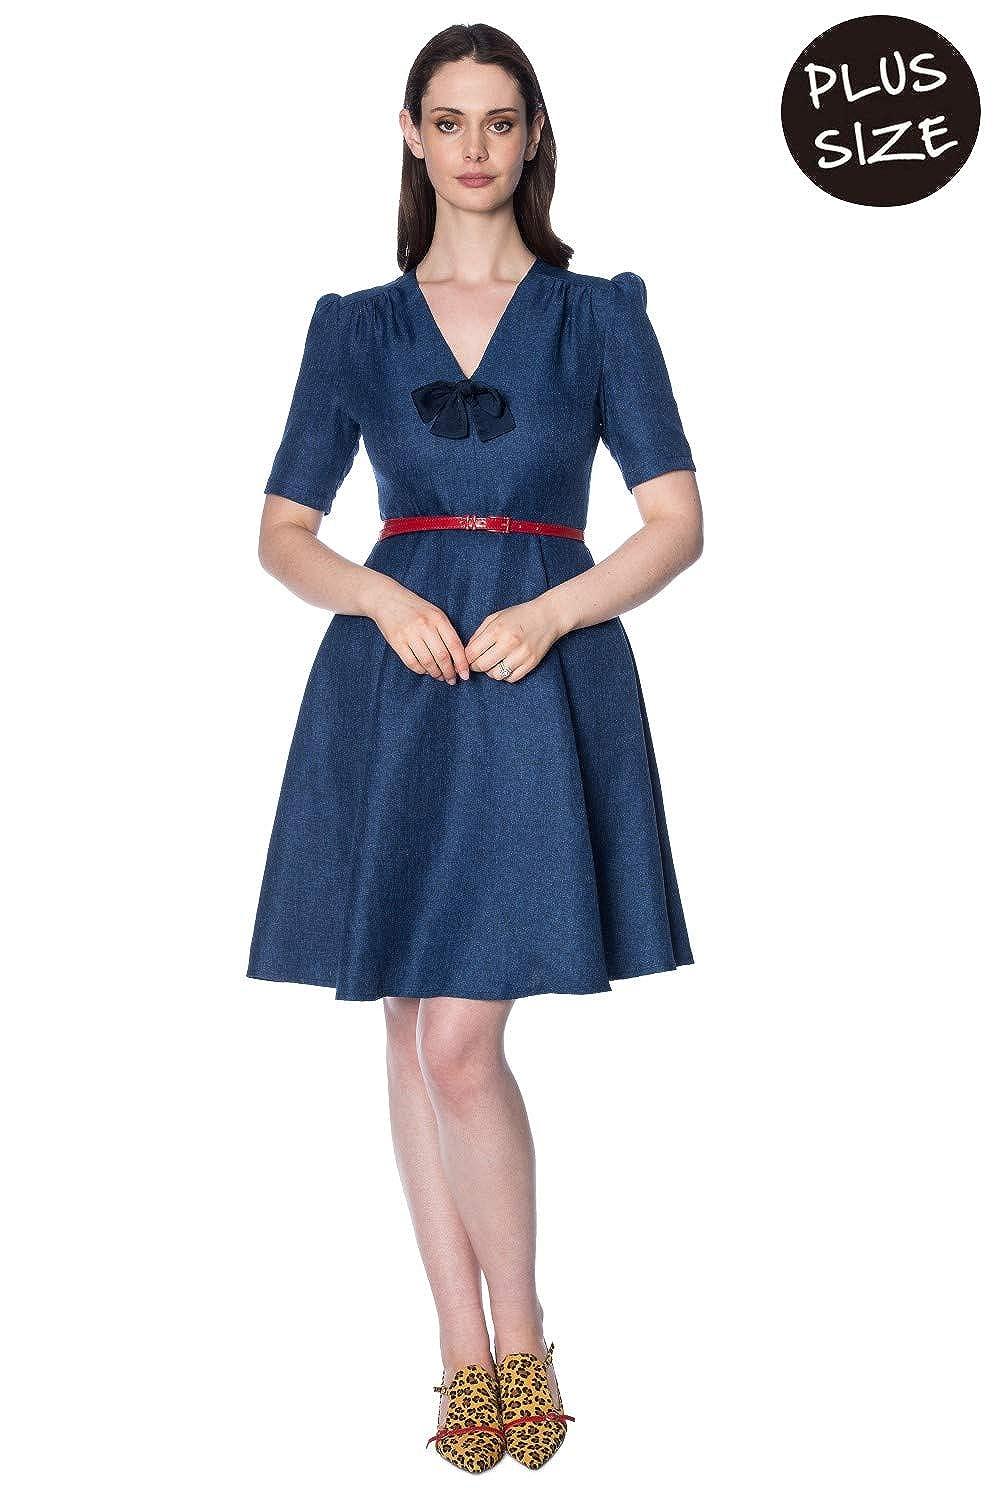 Banned Plus Size Secretary Dress - UK-20 at Amazon Women\'s Clothing ...